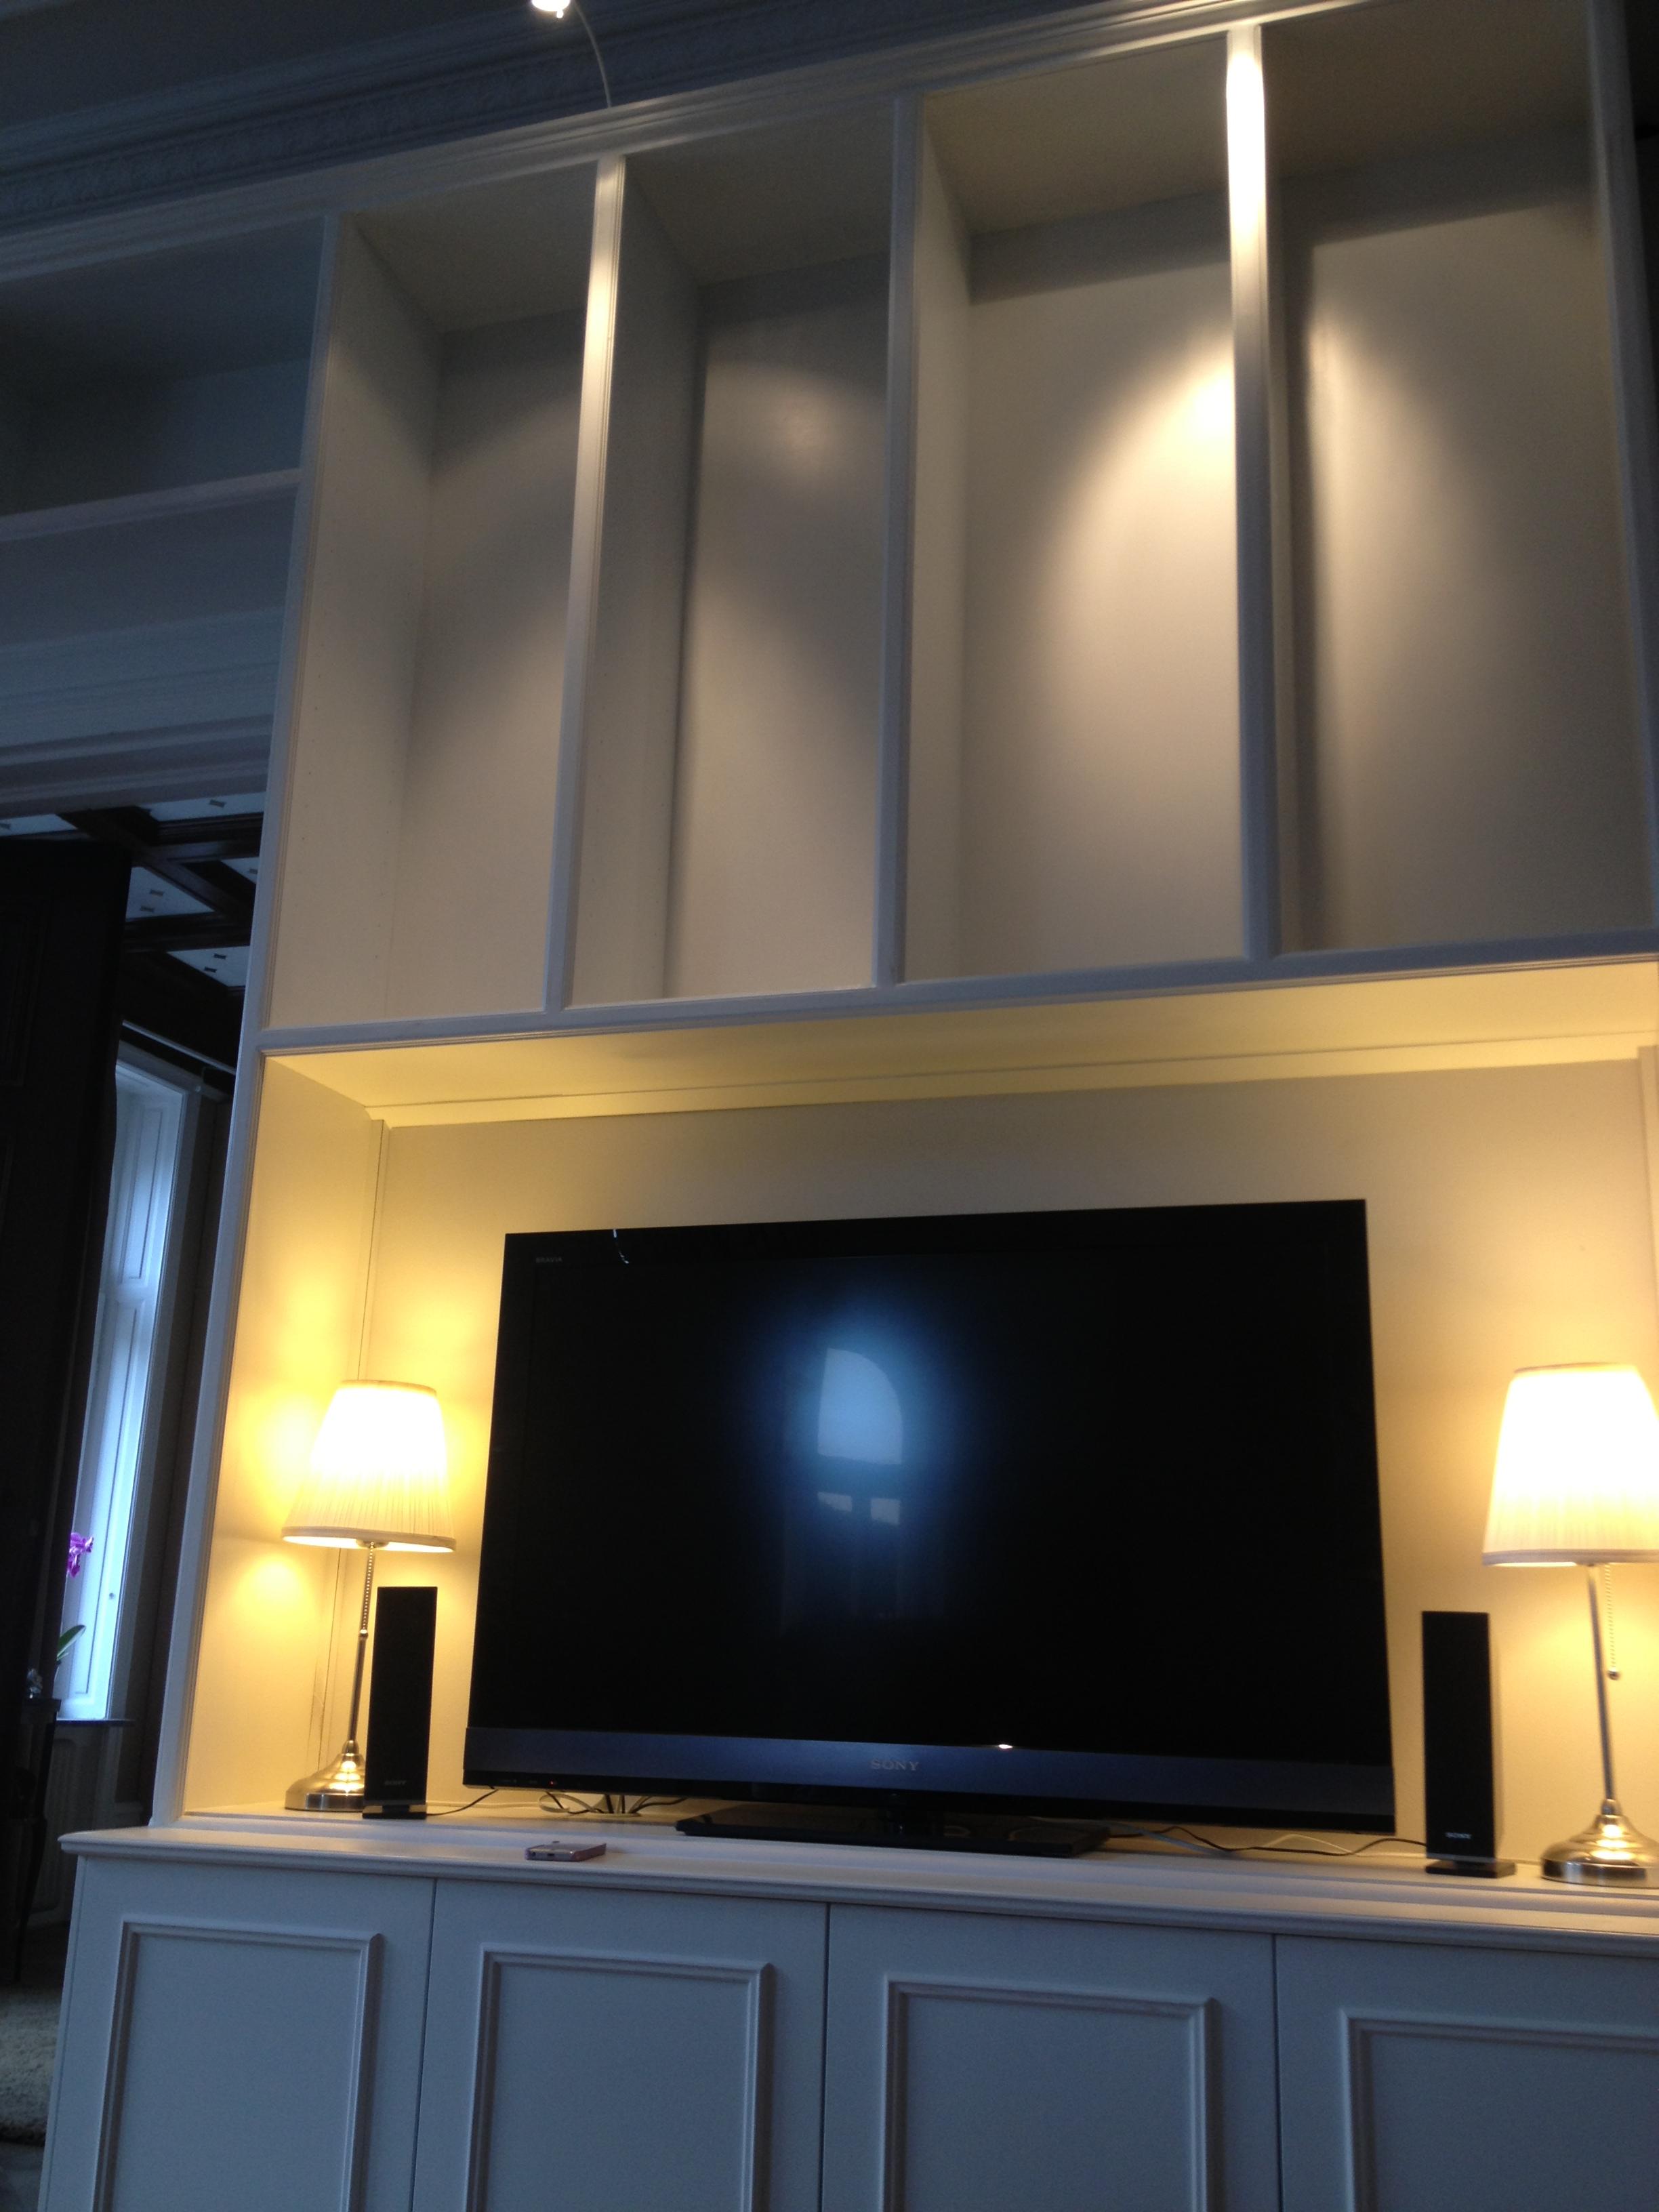 Bokhylla u2013 från skiss till färdig hylla med plats för TV och kontor F24 Inredning och Design AB